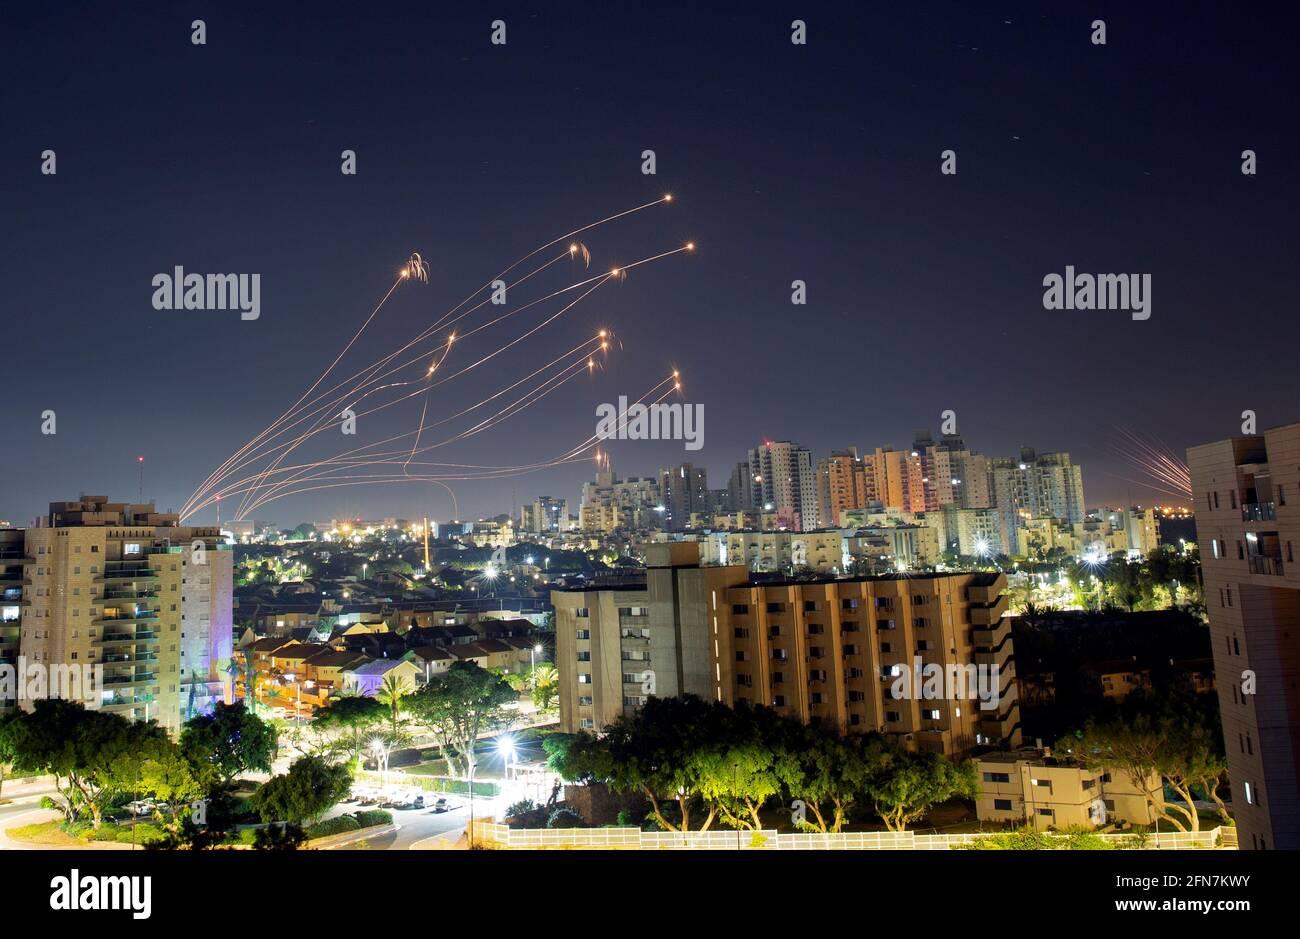 Striature di luce sono viste da Ashkelon come il sistema anti-missile Iron Dome di Israele intercetta razzi lanciati dalla striscia di Gaza verso Israele, il 15 maggio 2021. REUTERS/Amir Cohen Foto Stock